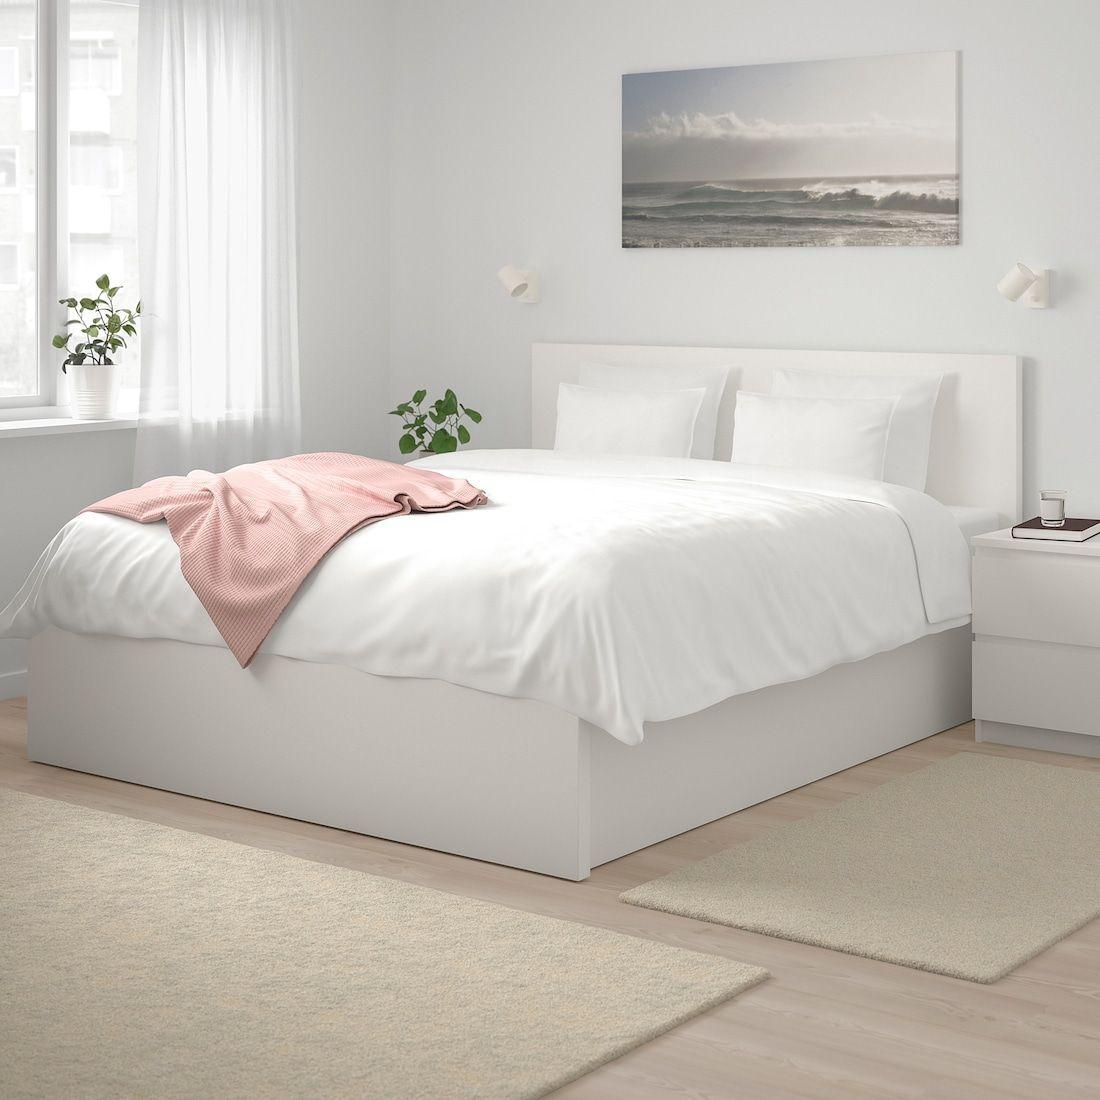 Malm Bettgestell Mit Aufbewahrung Weiss Ikea Schweiz Malm